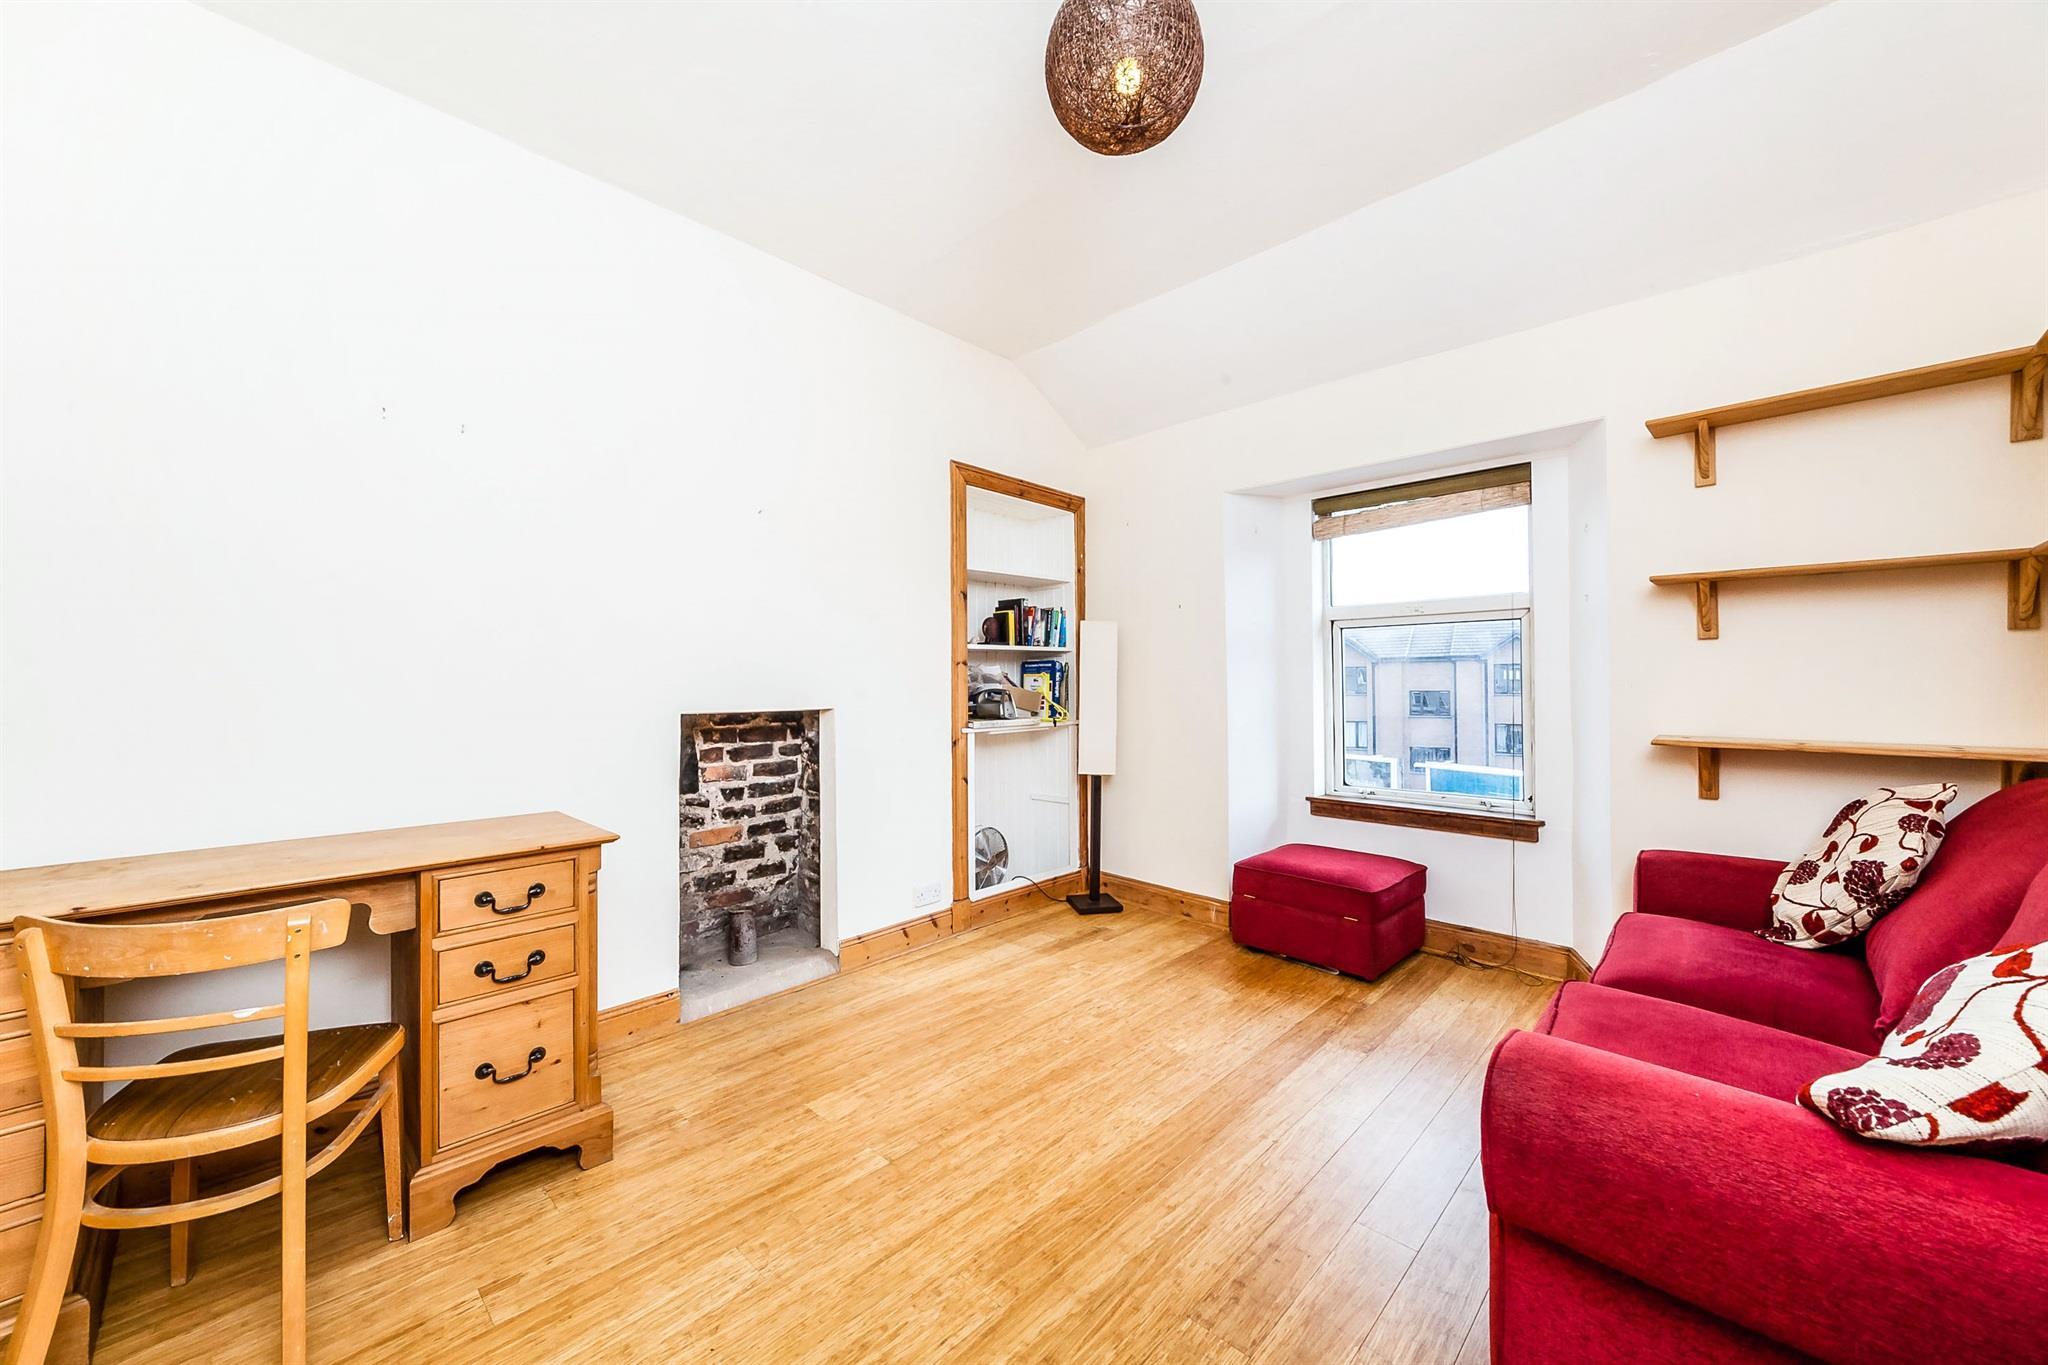 Studio Apartments For Rent In Vero Beach Fl